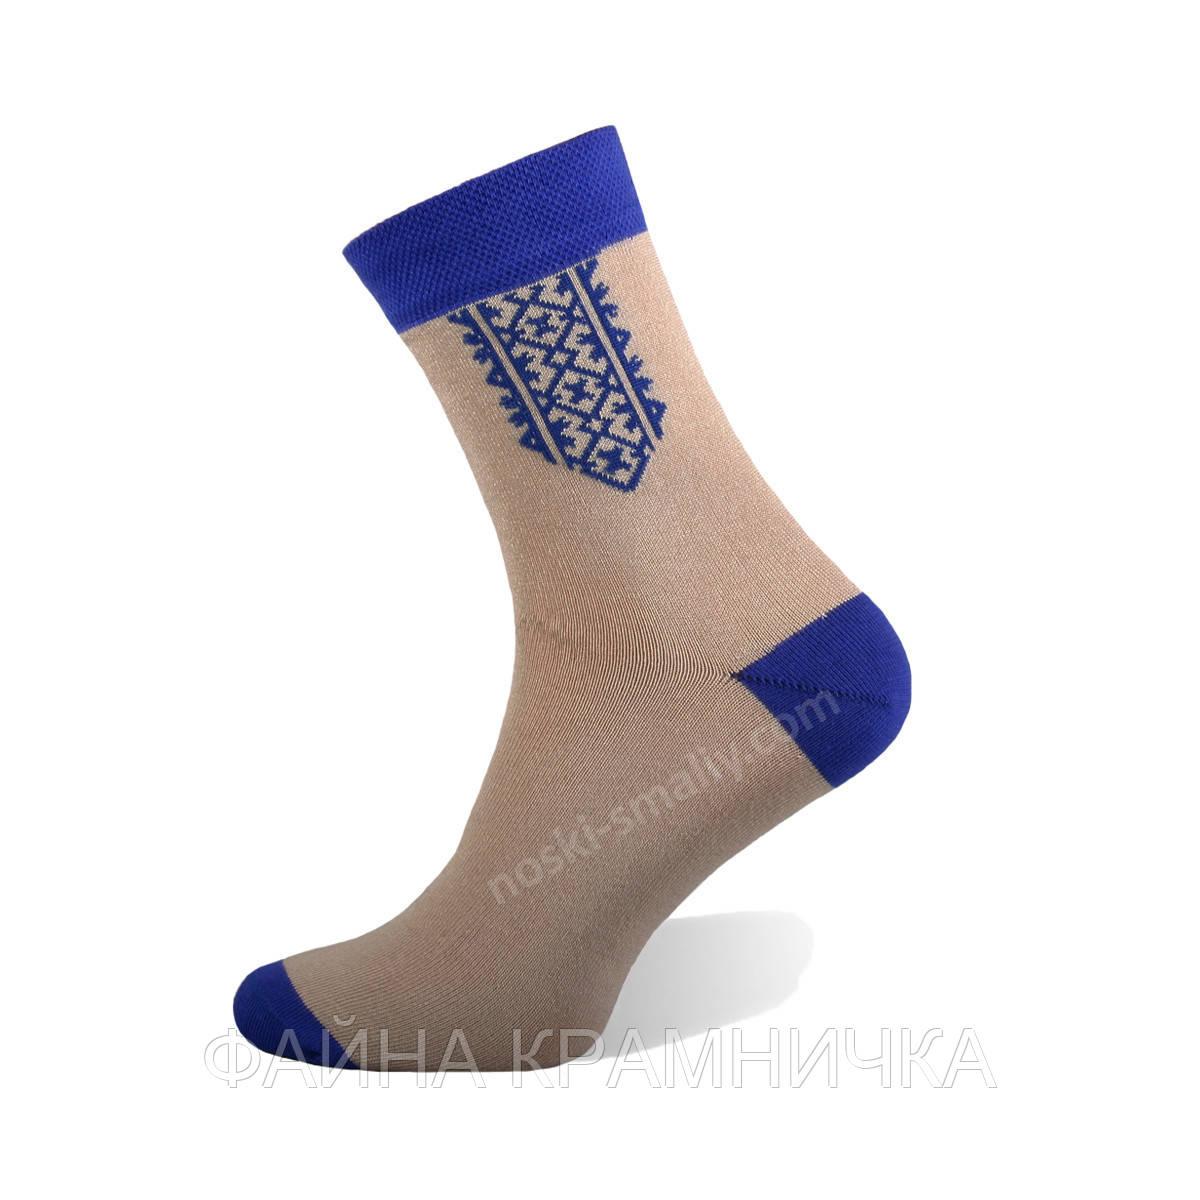 Шкарпетки орнамент